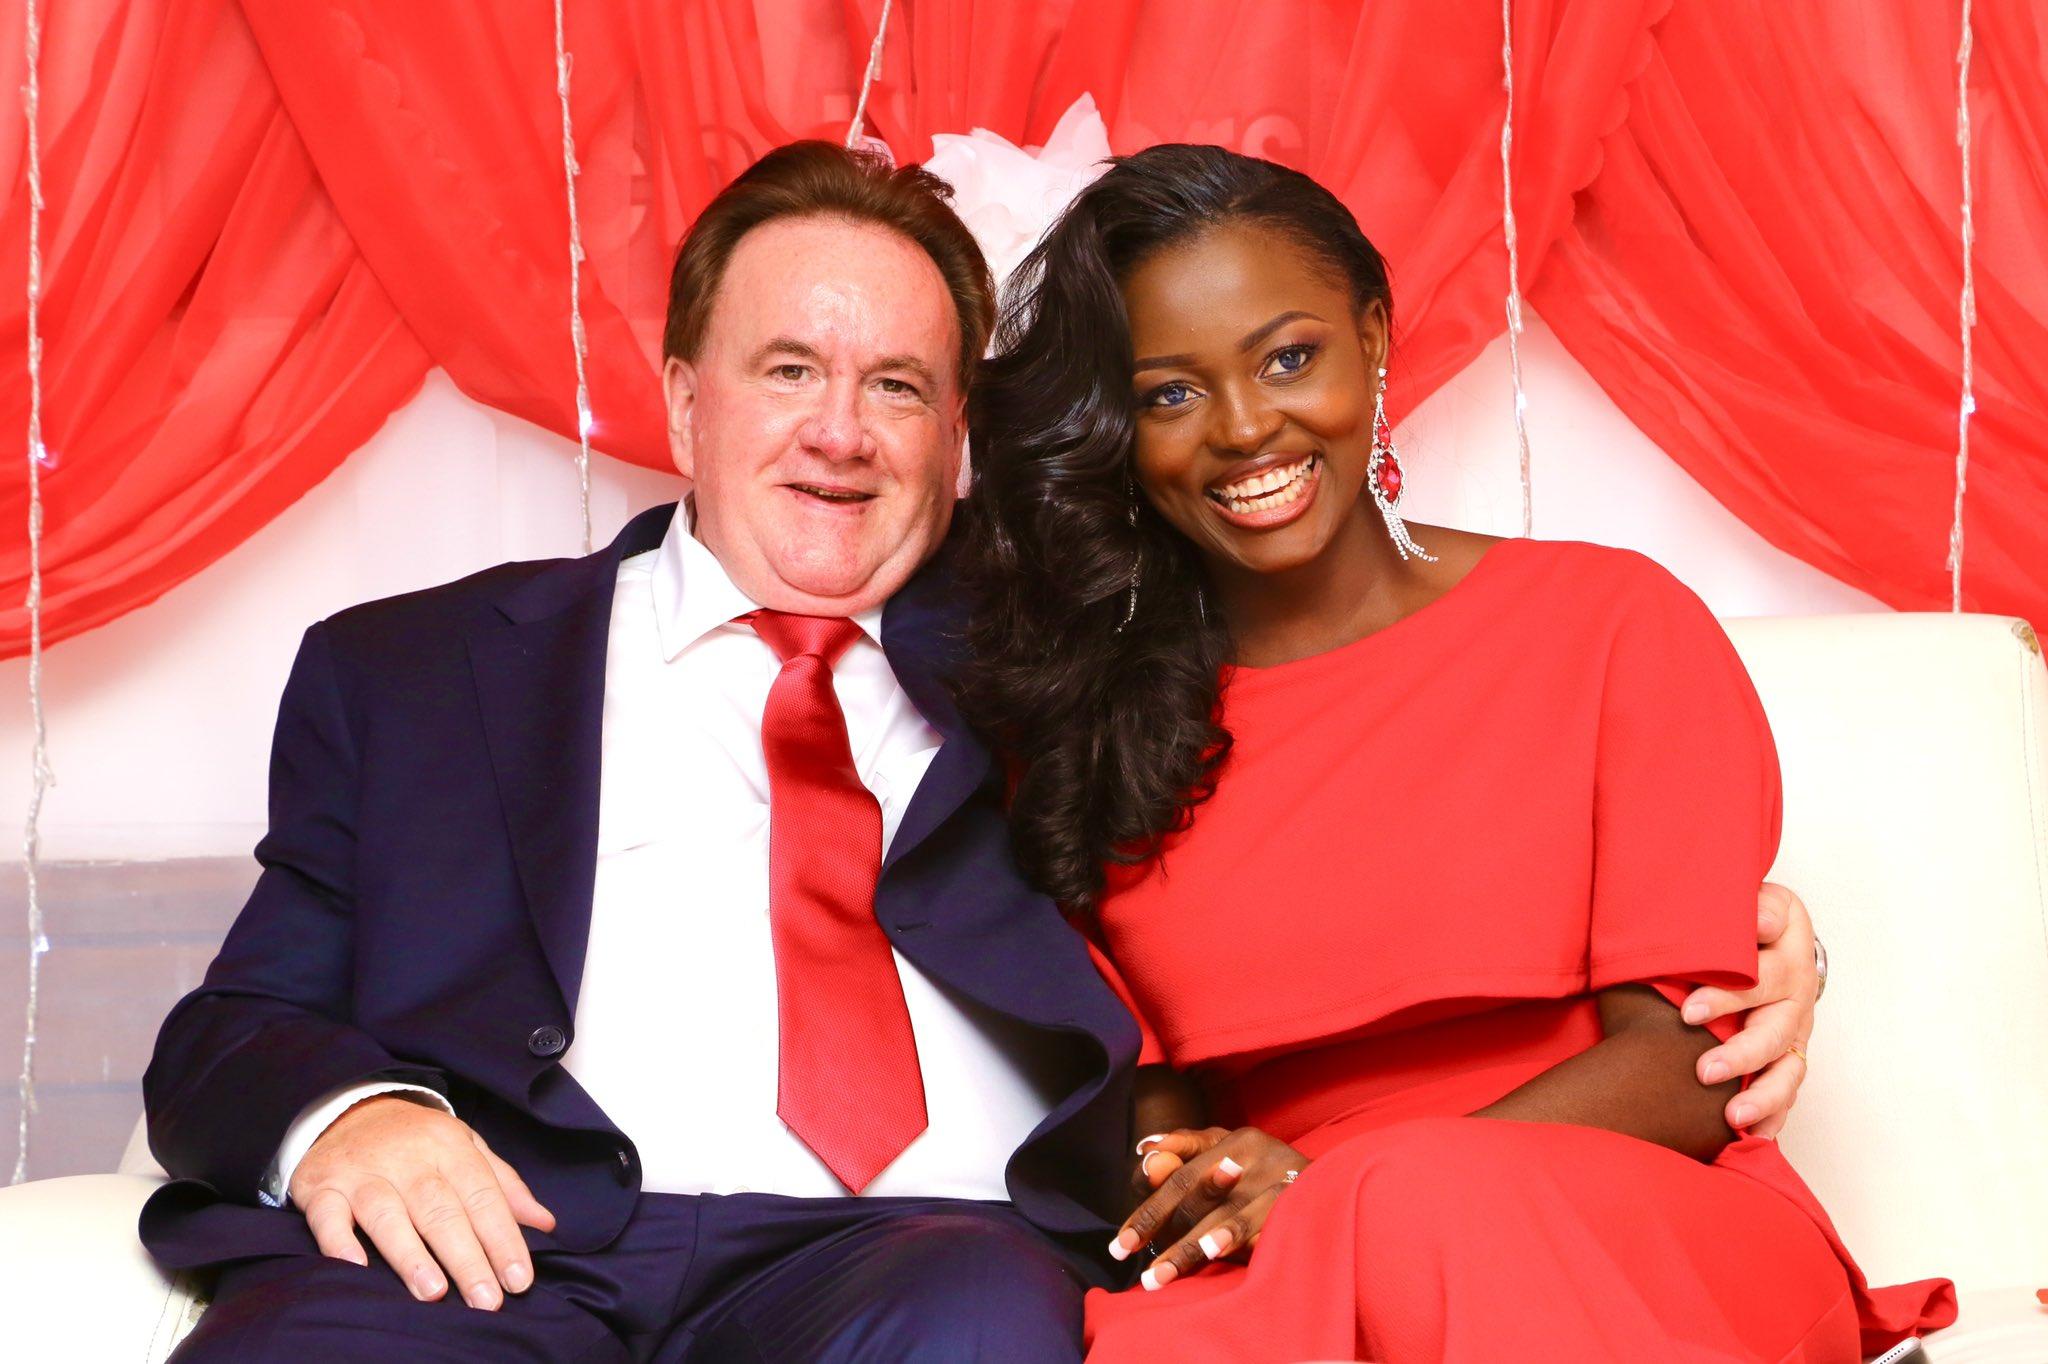 Ka3na and her husband